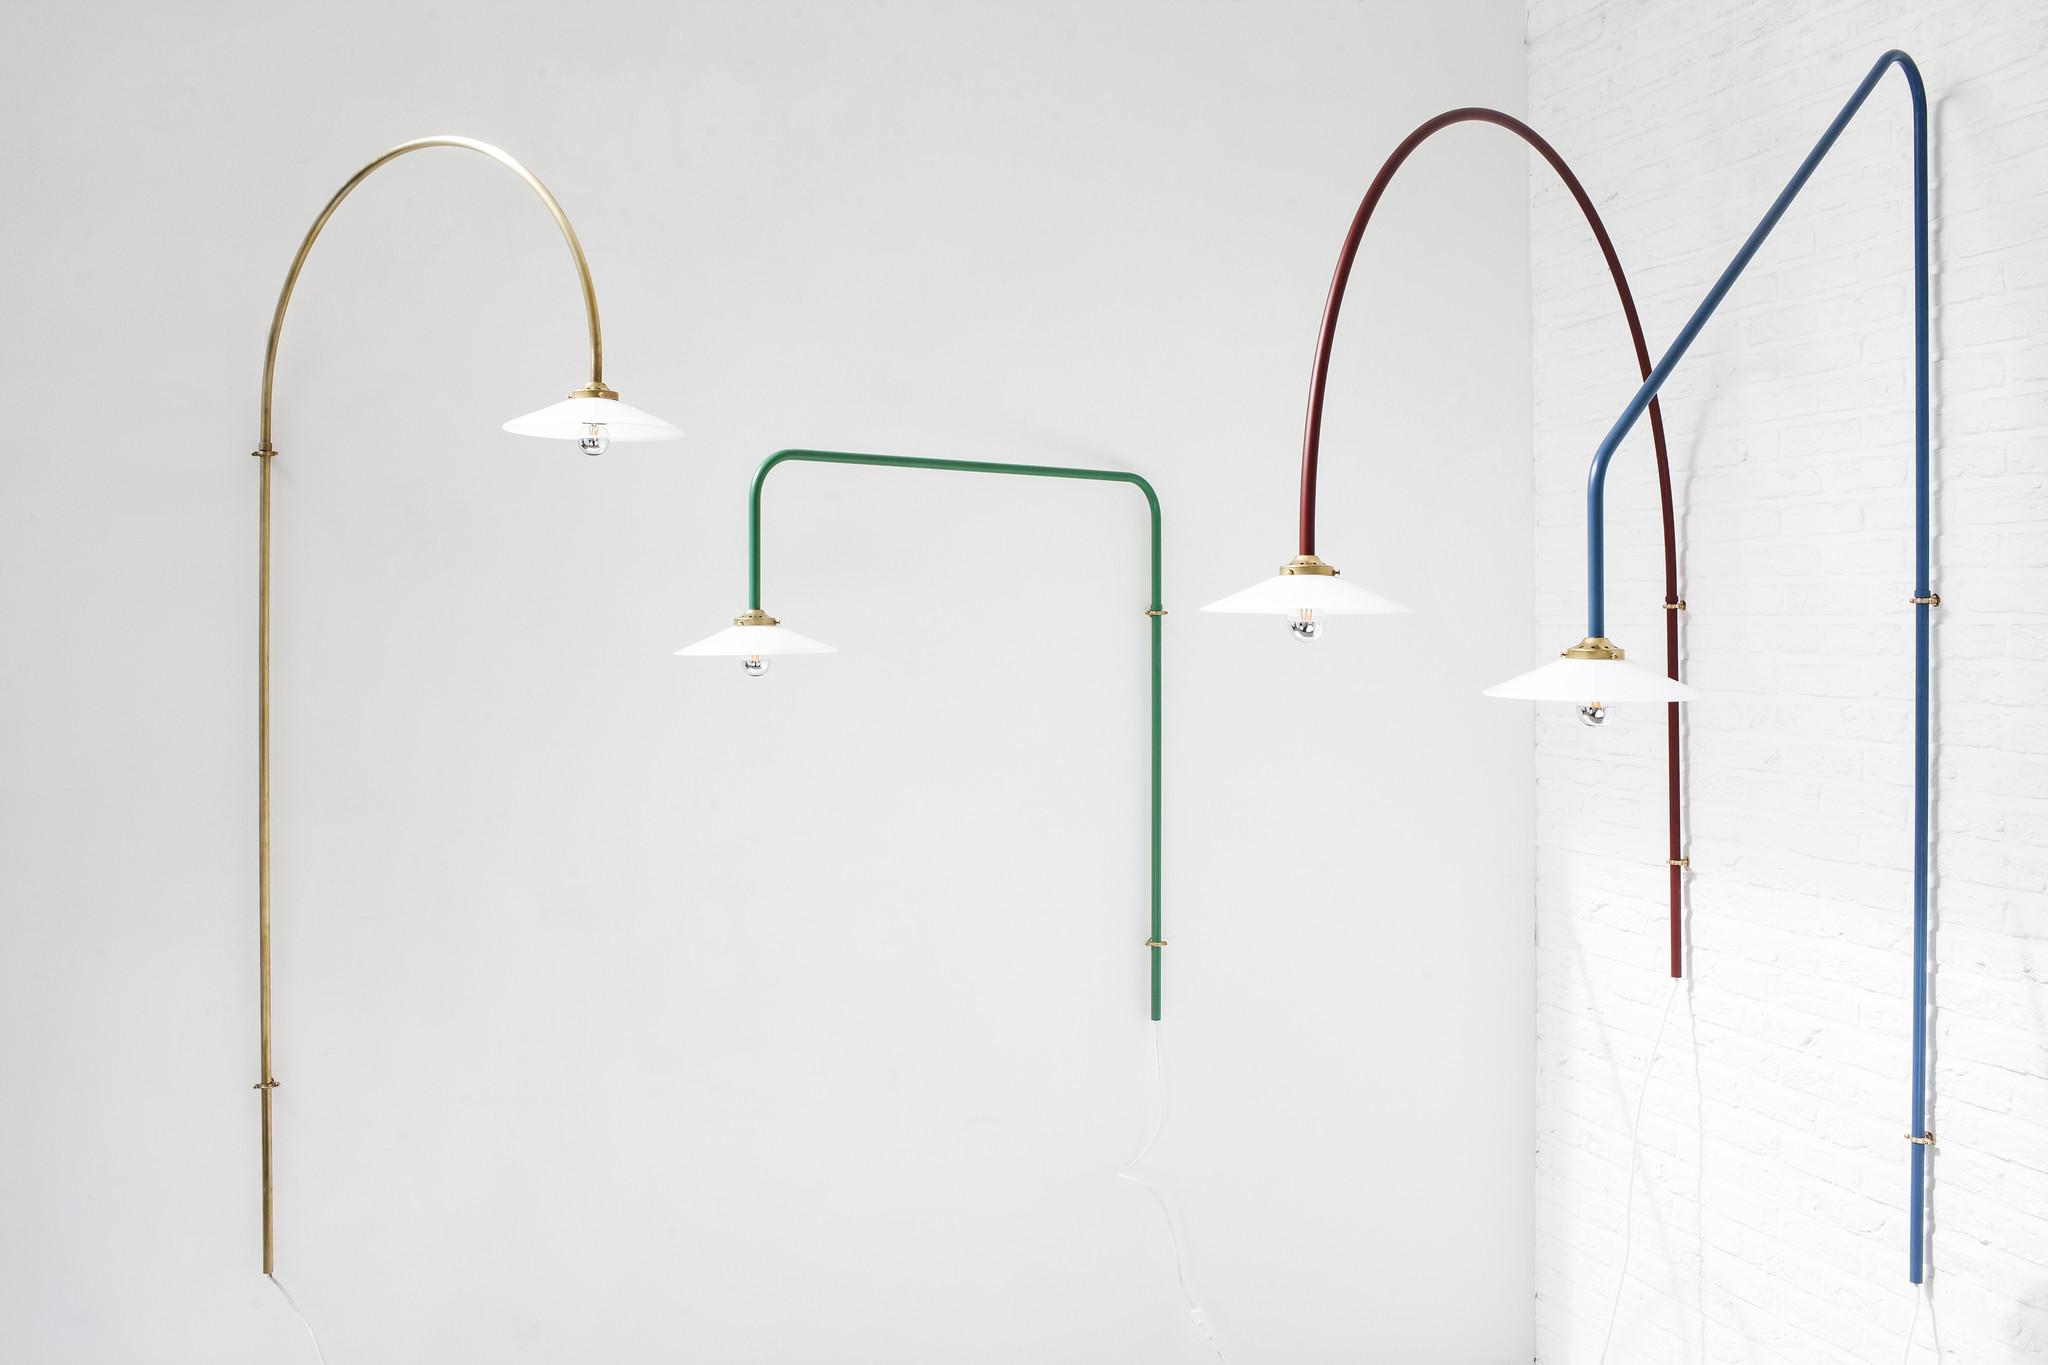 Hanging Lamp No. 1 Brass-2